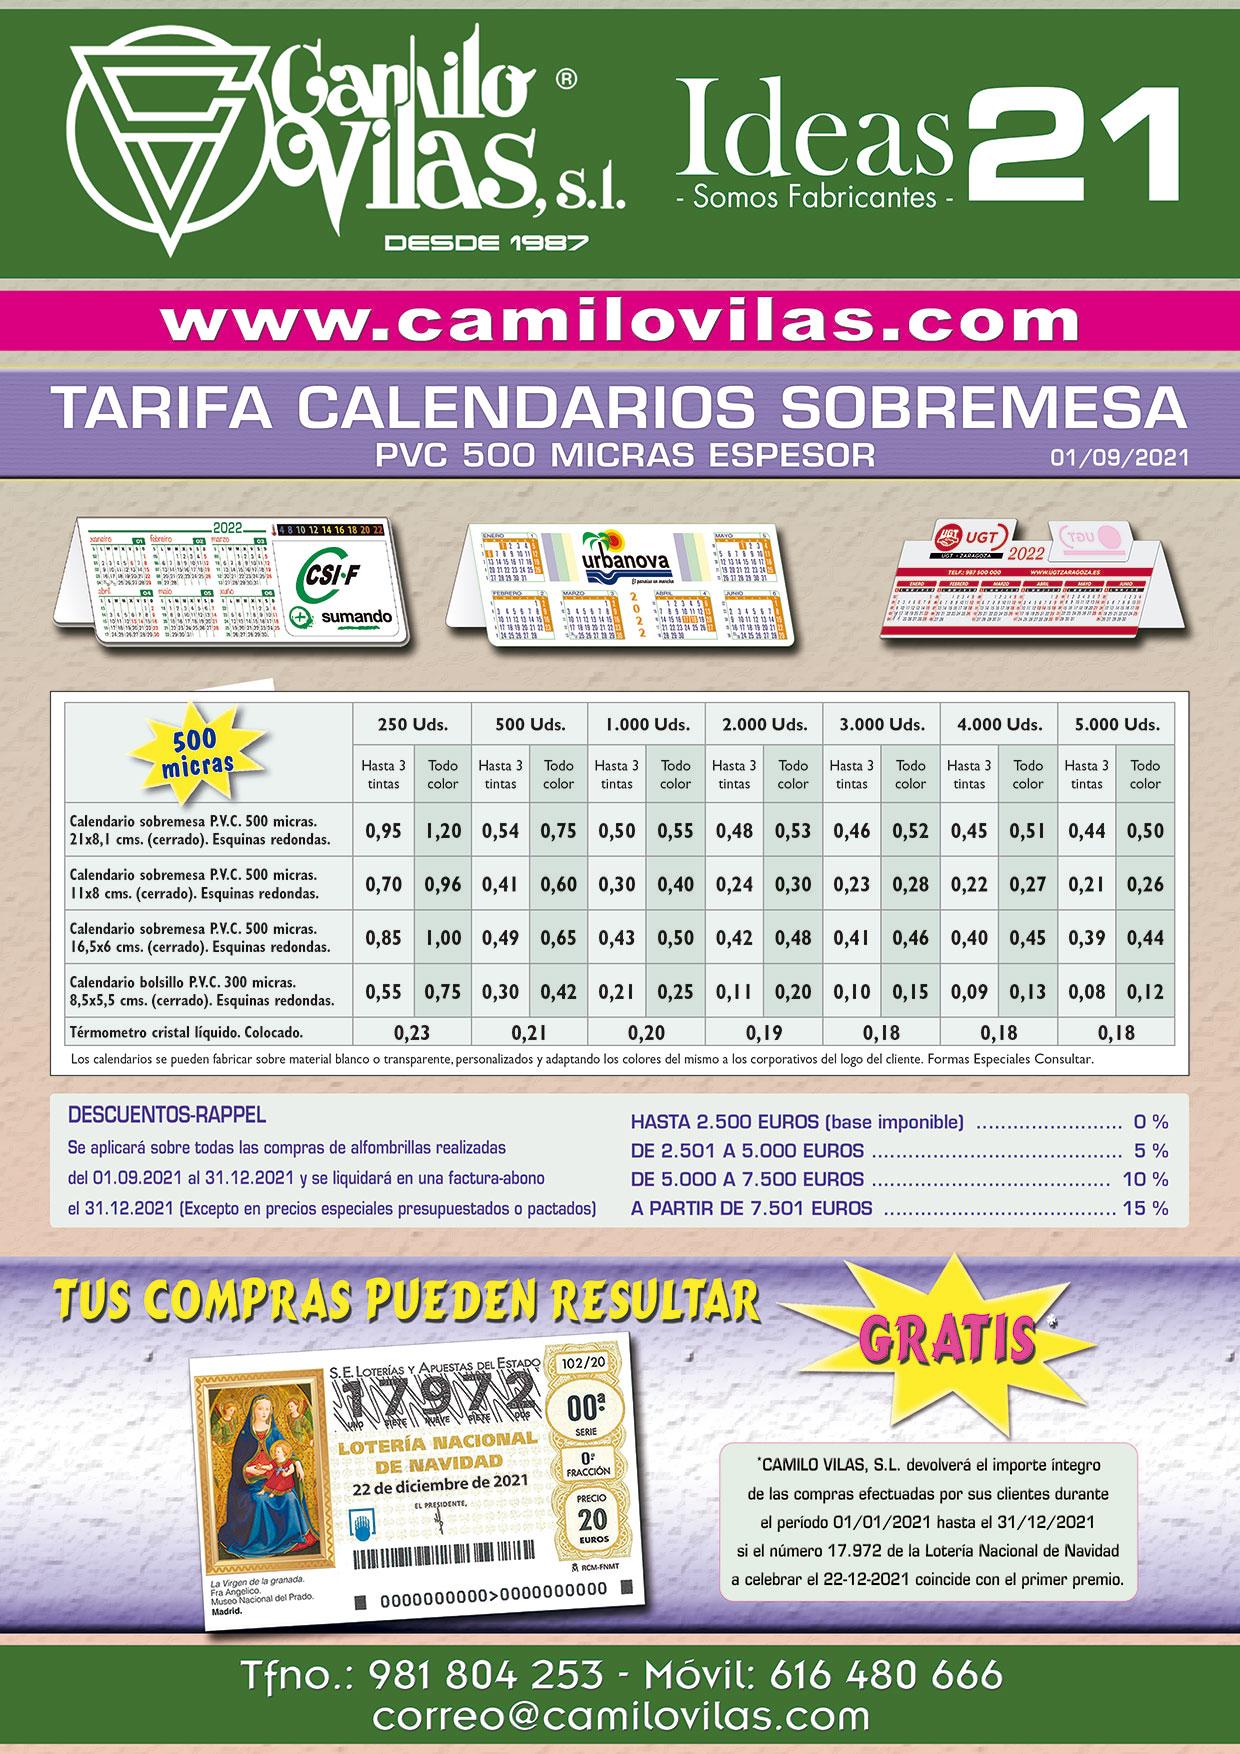 TARIFA-Calendarios.jpg